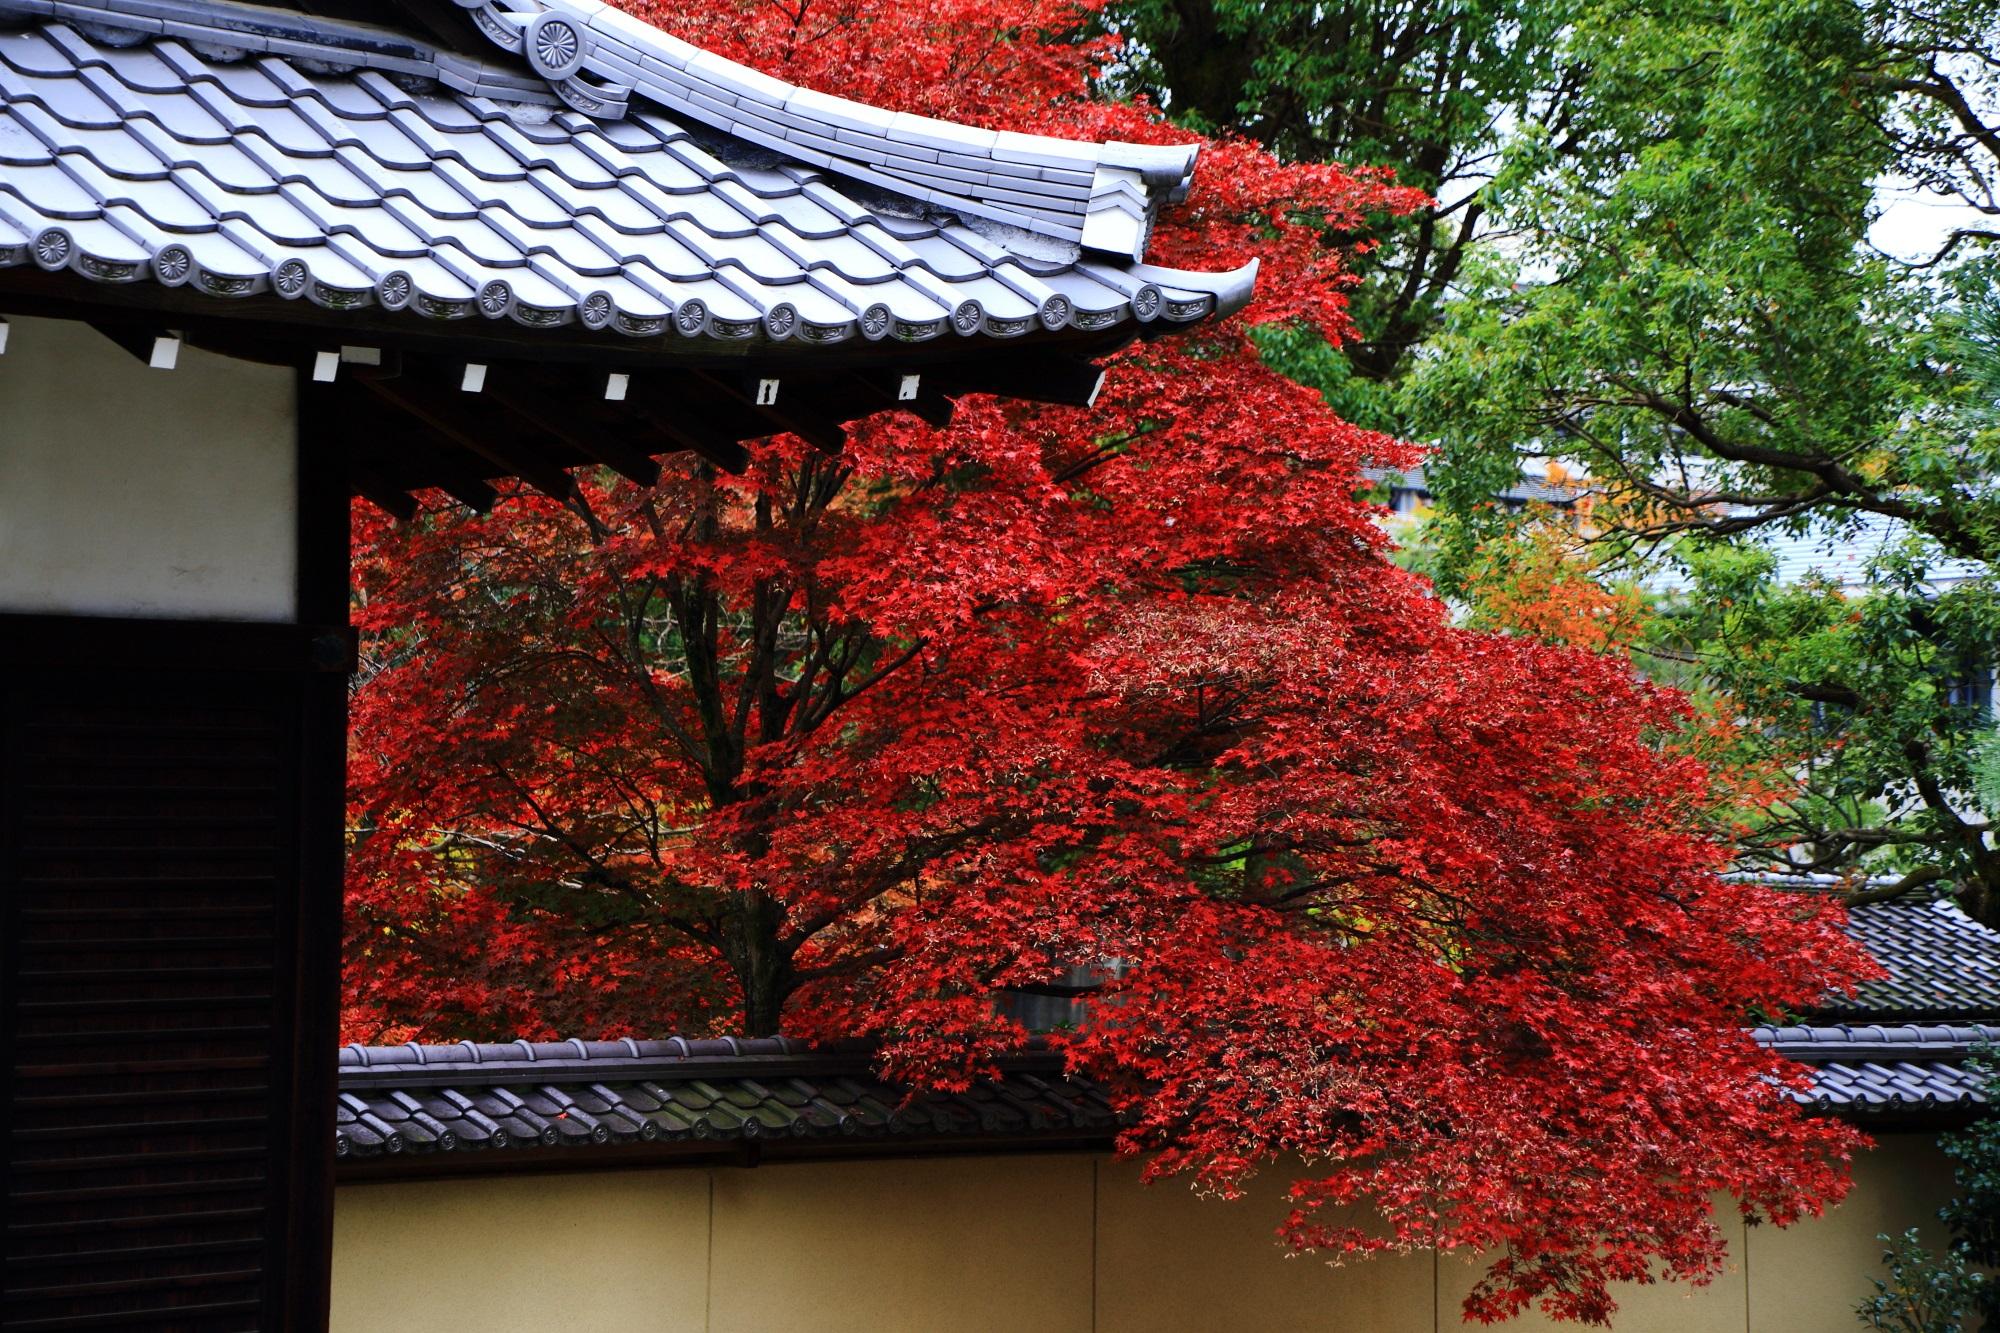 源氏庭の塀の外からせり出している真っ赤な紅葉